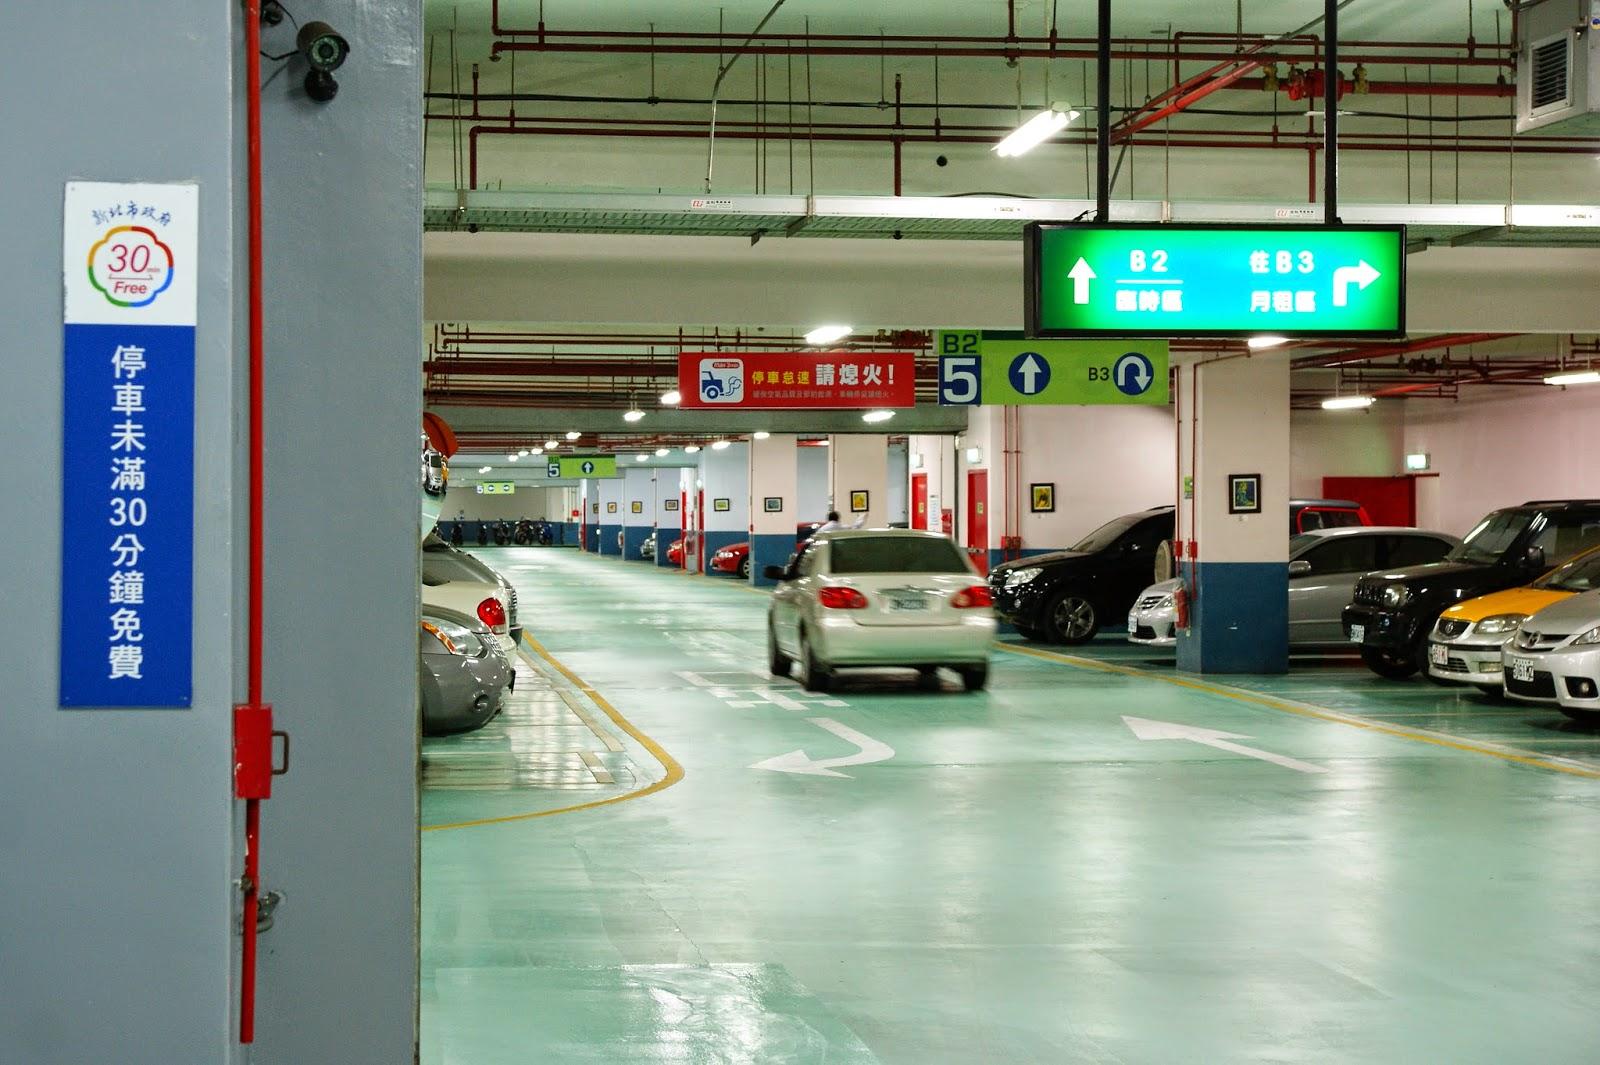 新北市公共停車場查詢系統---→找平面、立體、地下室、風景區等公用停車場